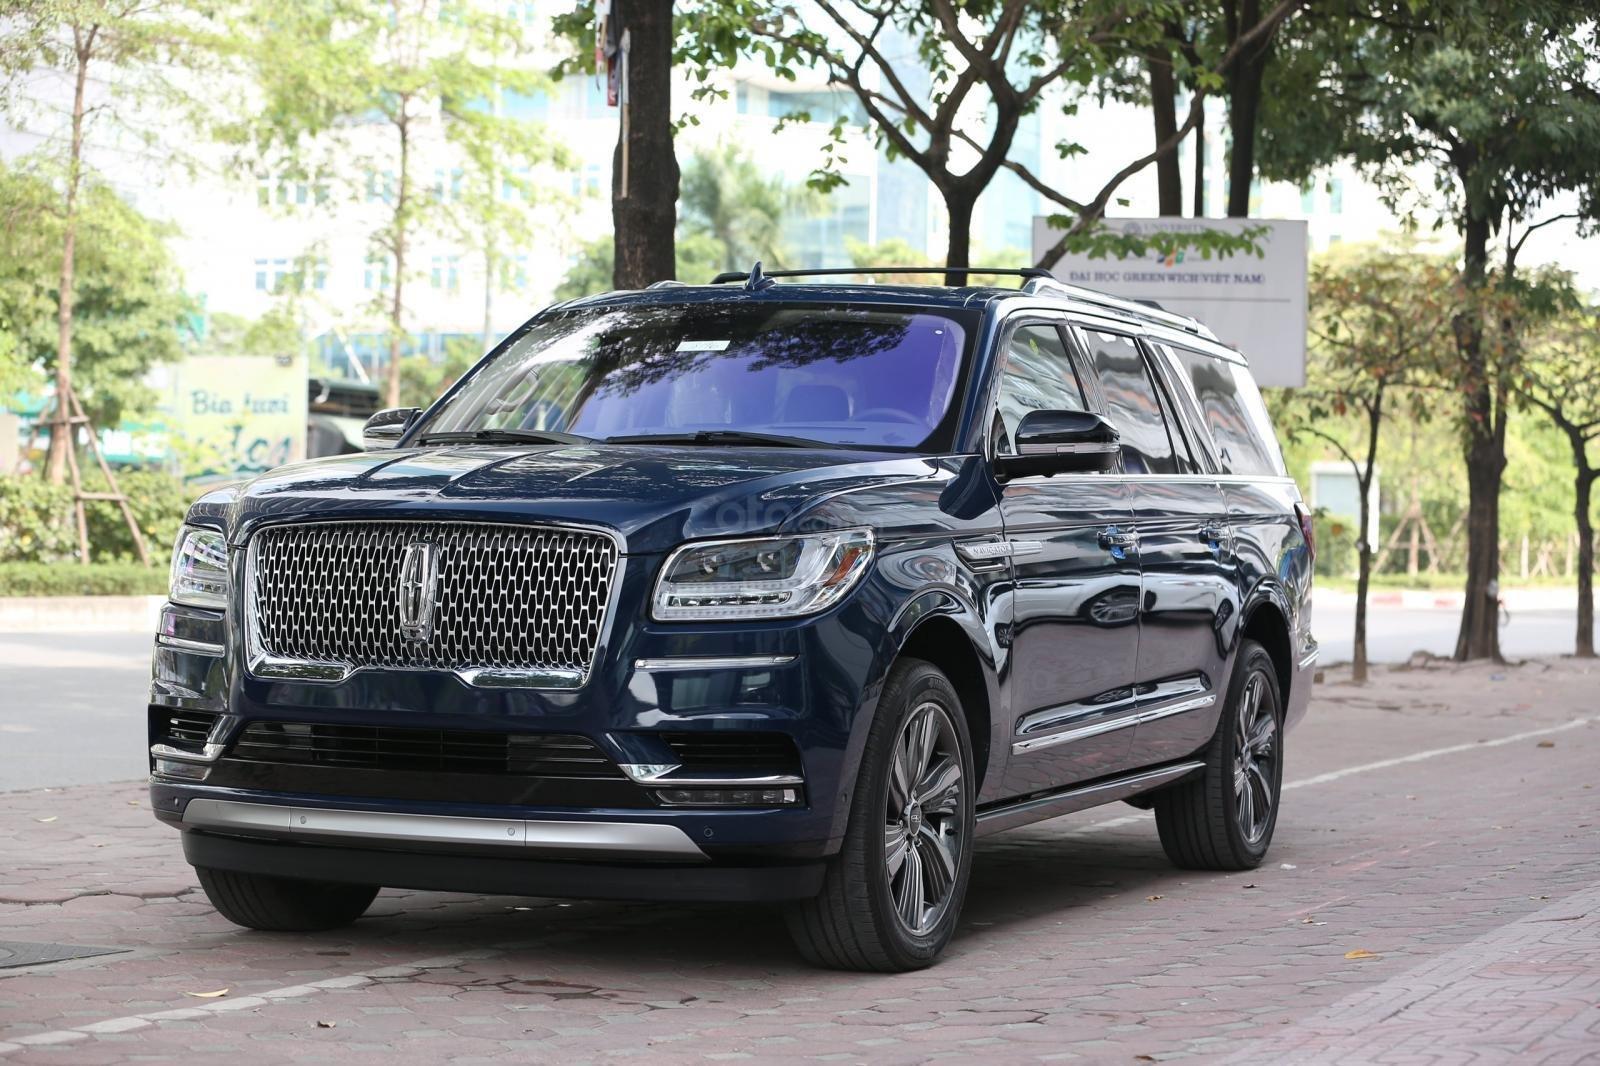 Cần bán Lincoln Navigator L năm sản xuất 2019, màu xanh lam, xe nhập Mỹ mới 100% (16)